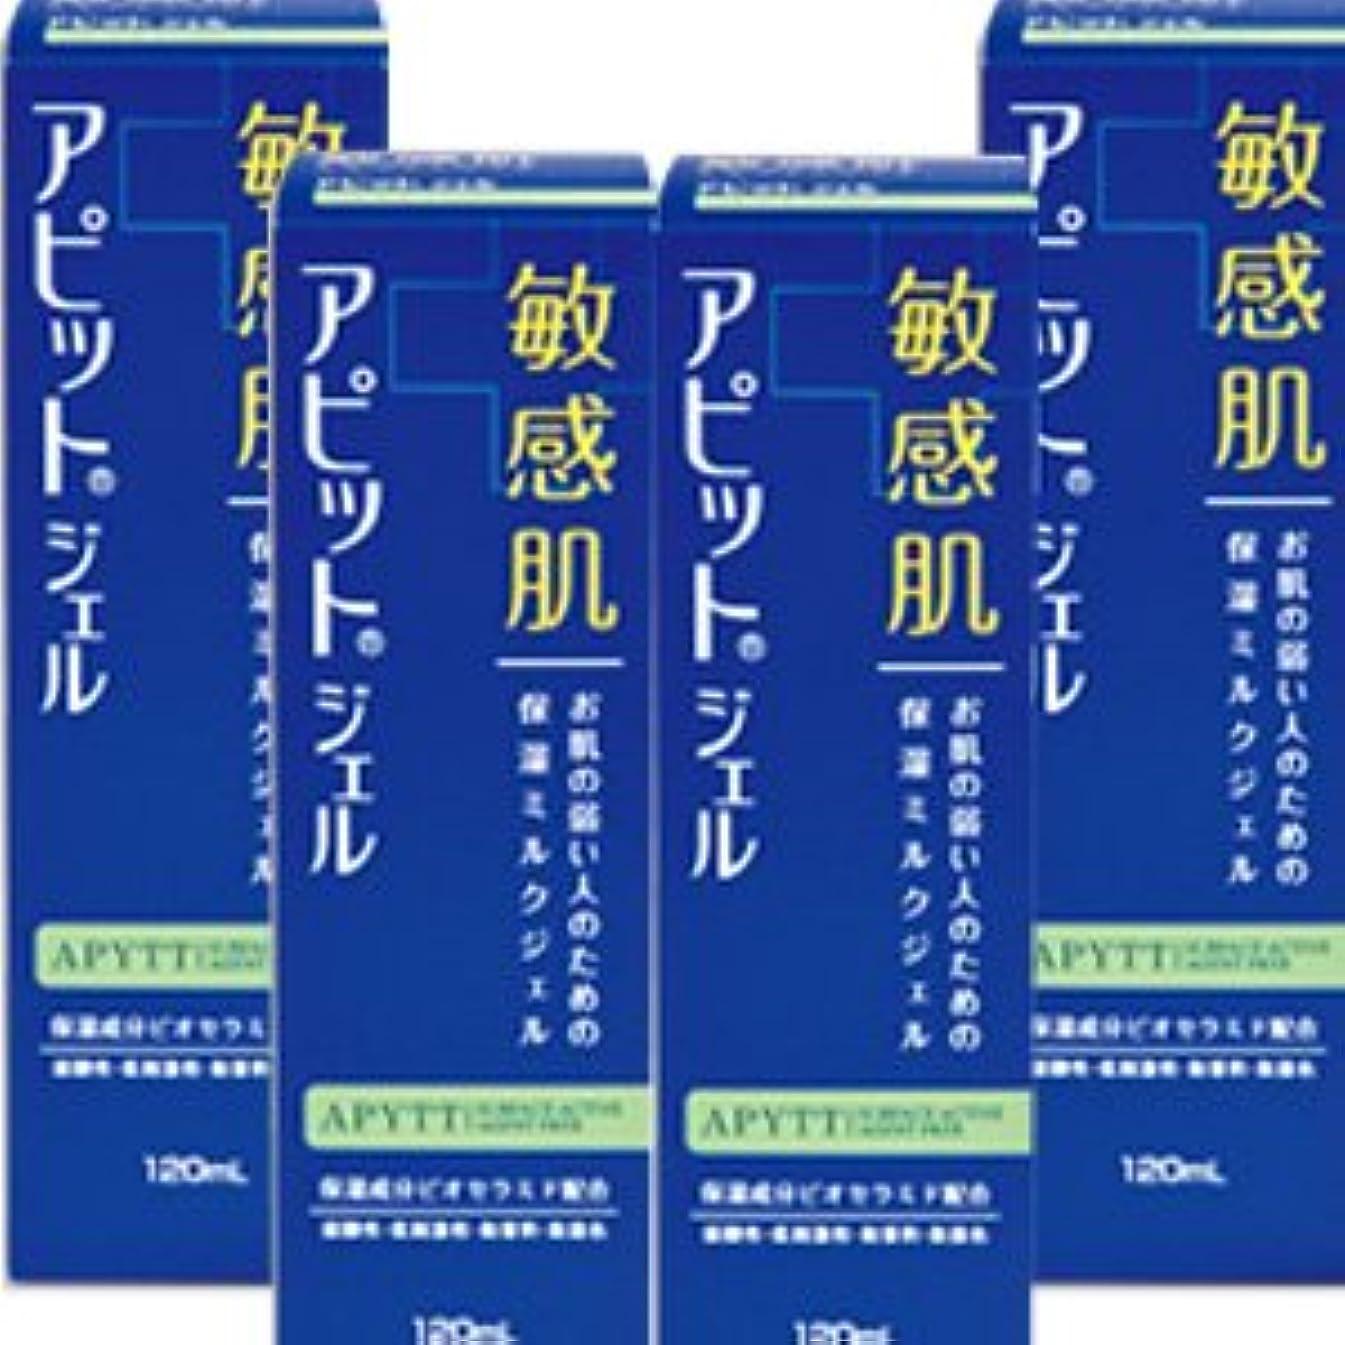 創始者持参悲しい【4個】全薬工業 アピットジェルS 120mlx4個セット (4987305034625)